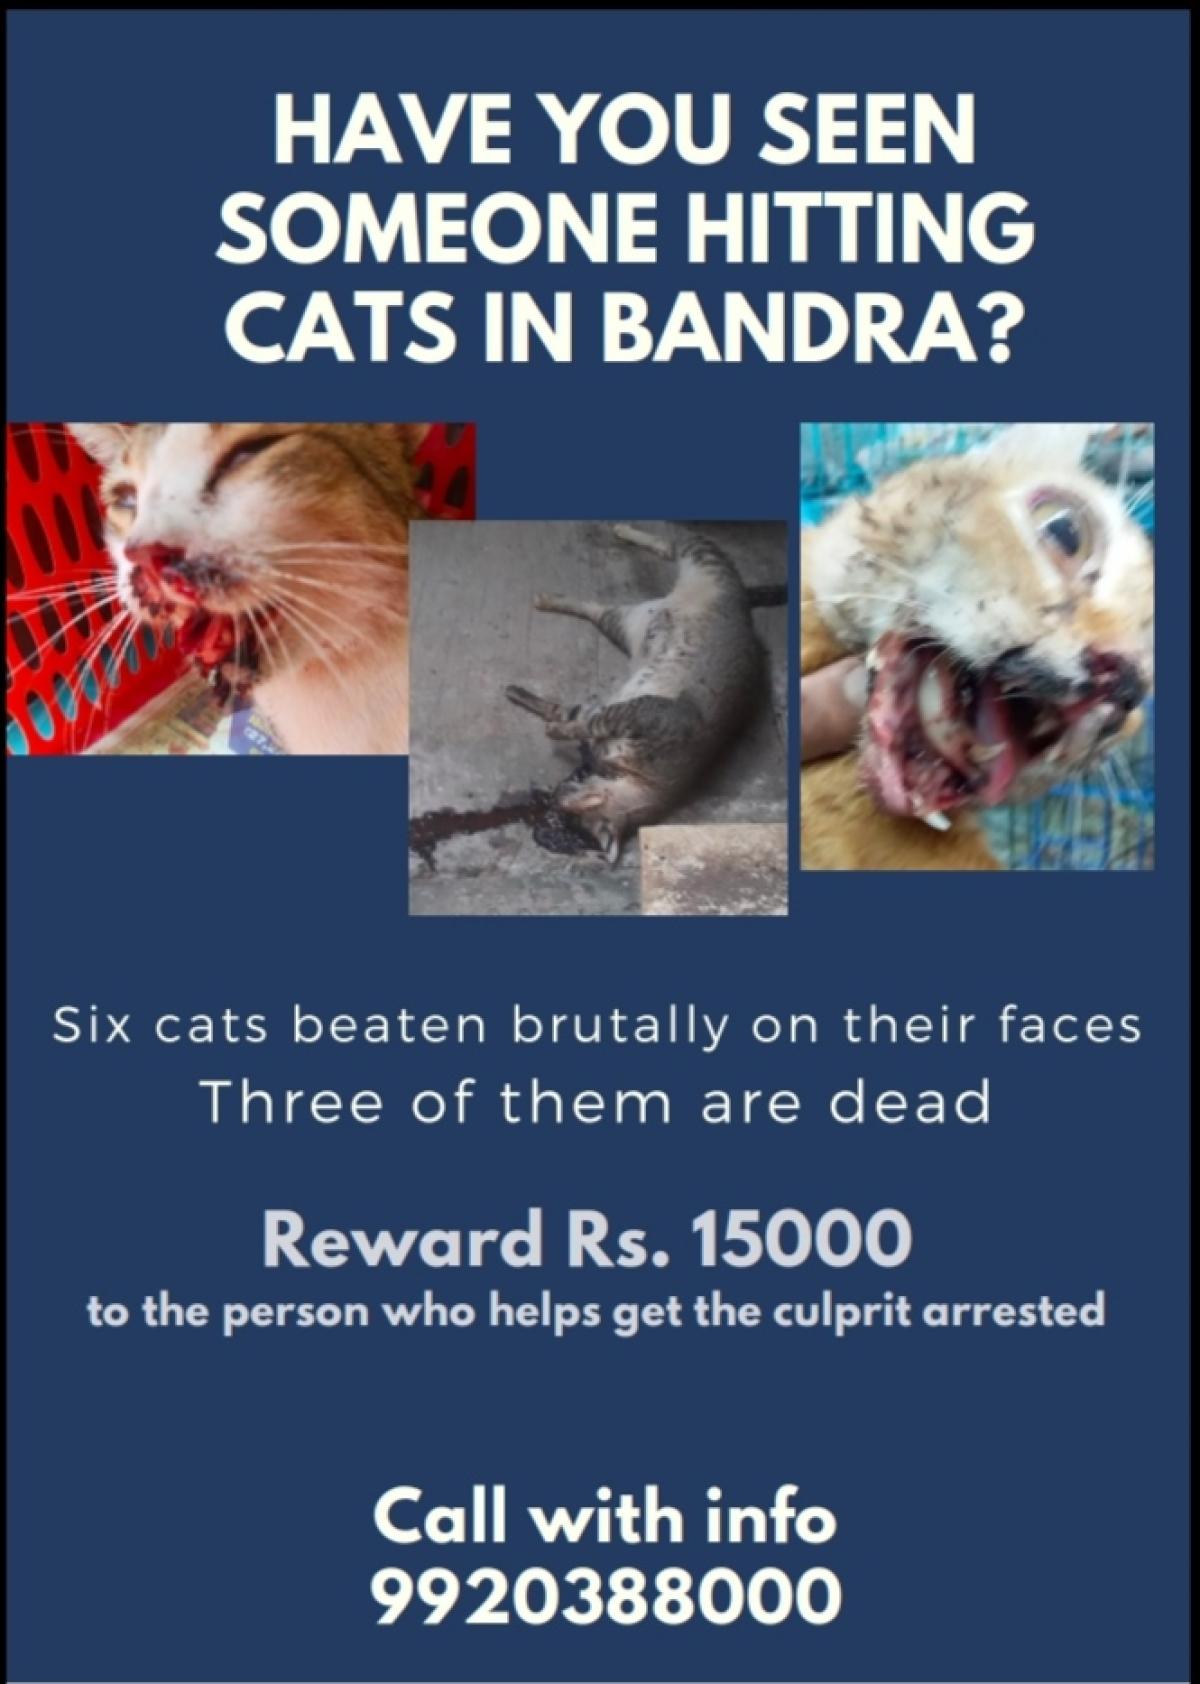 Mumbai: Mysterious person breaks jaws of 5 felines in Bandra, 3 die